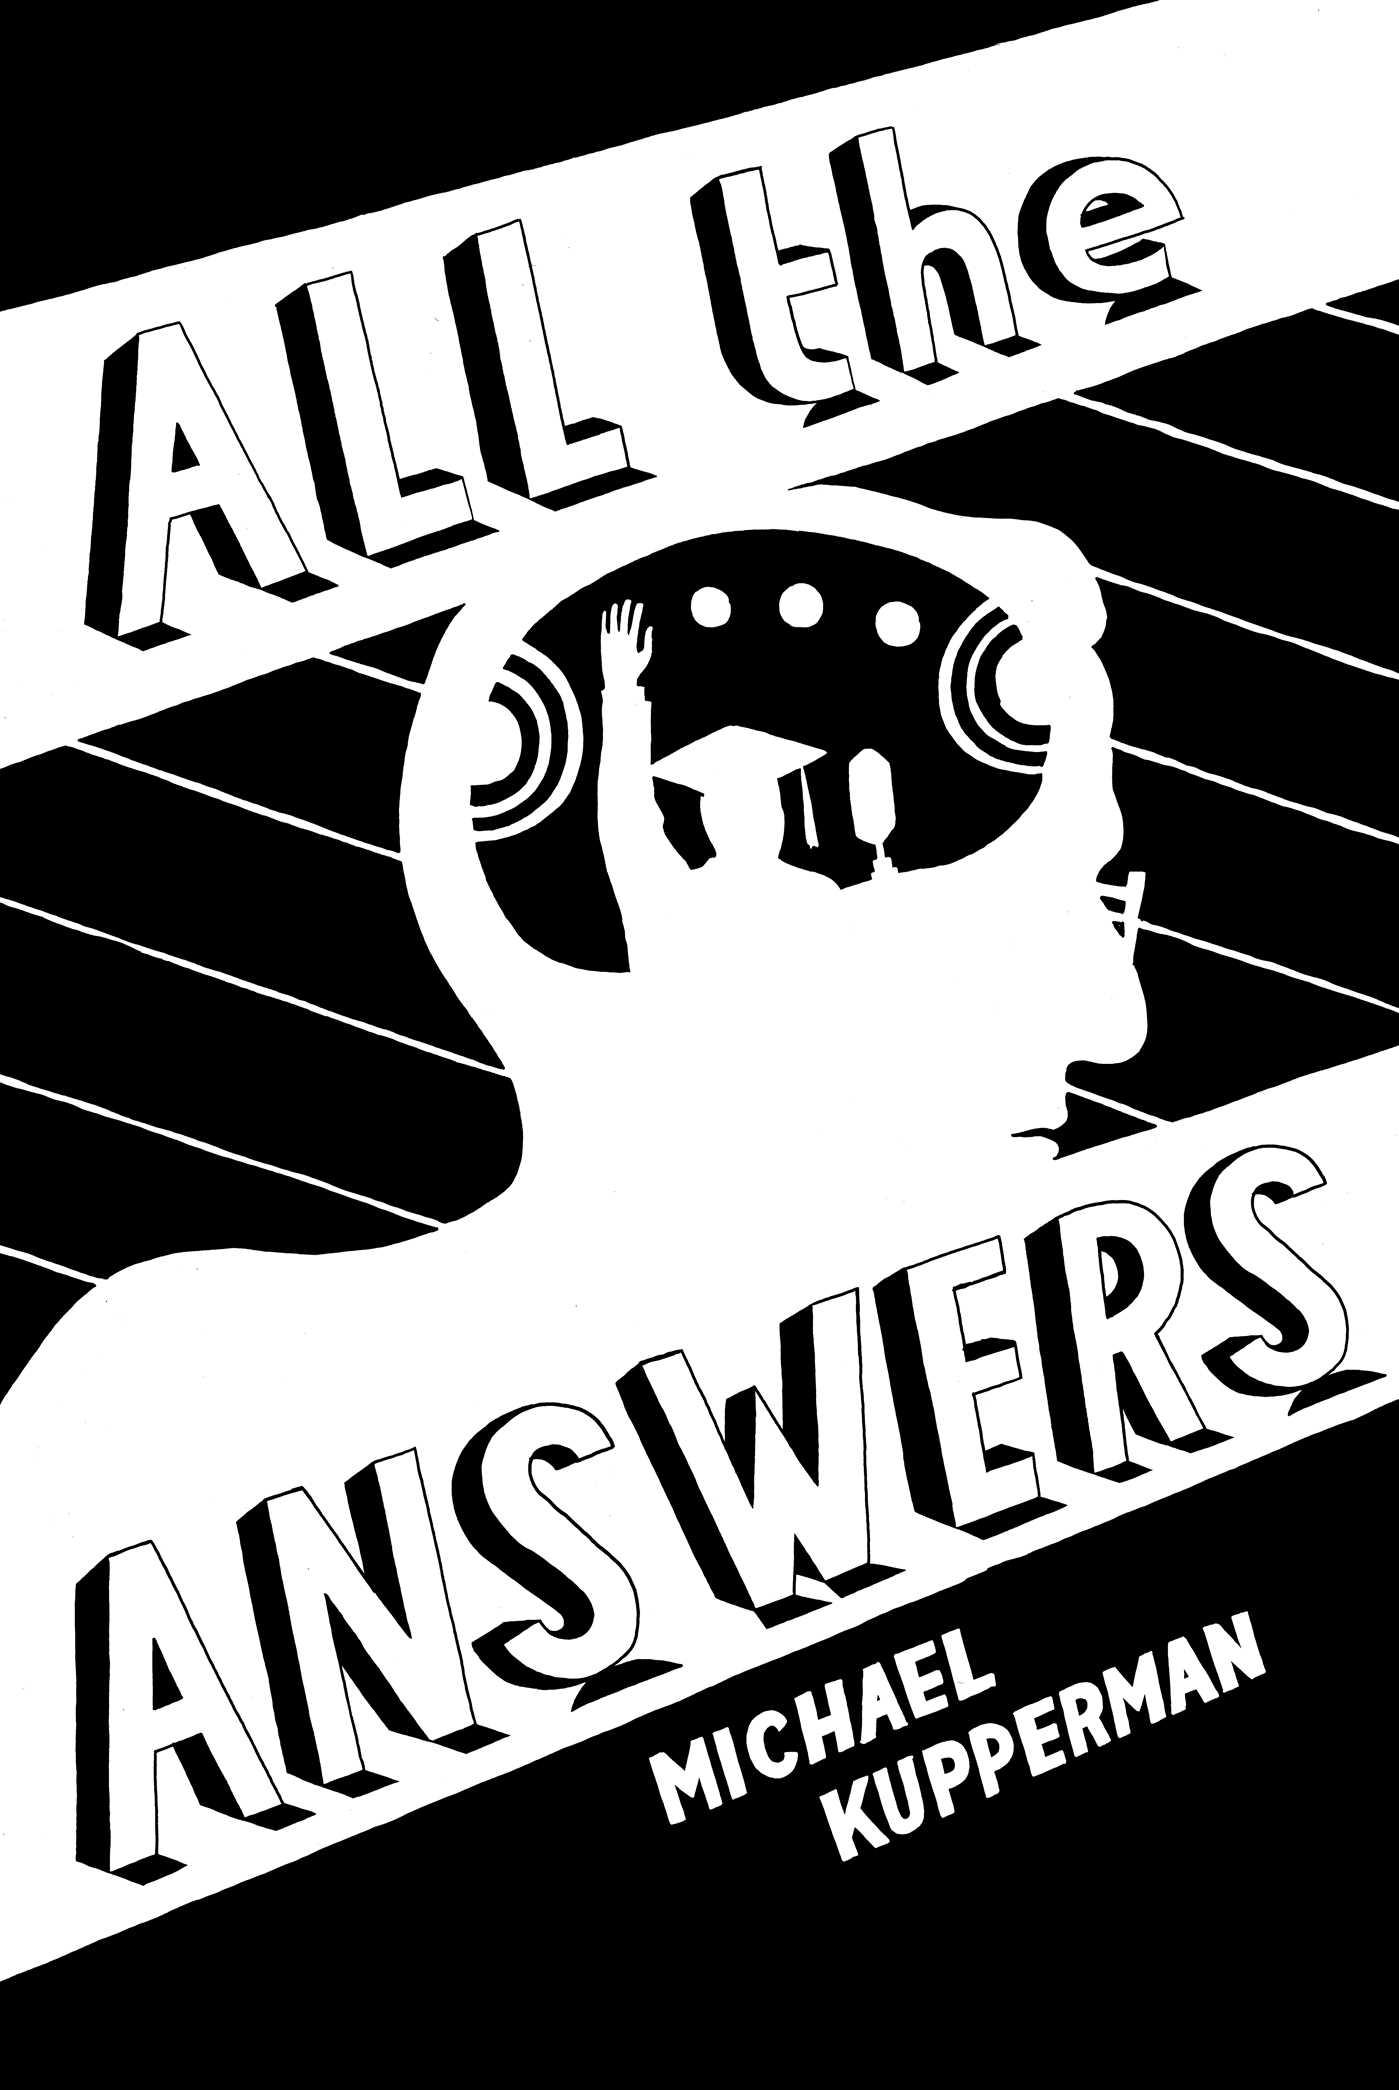 همه ی پاسخ ها - مایکل کوپرمن